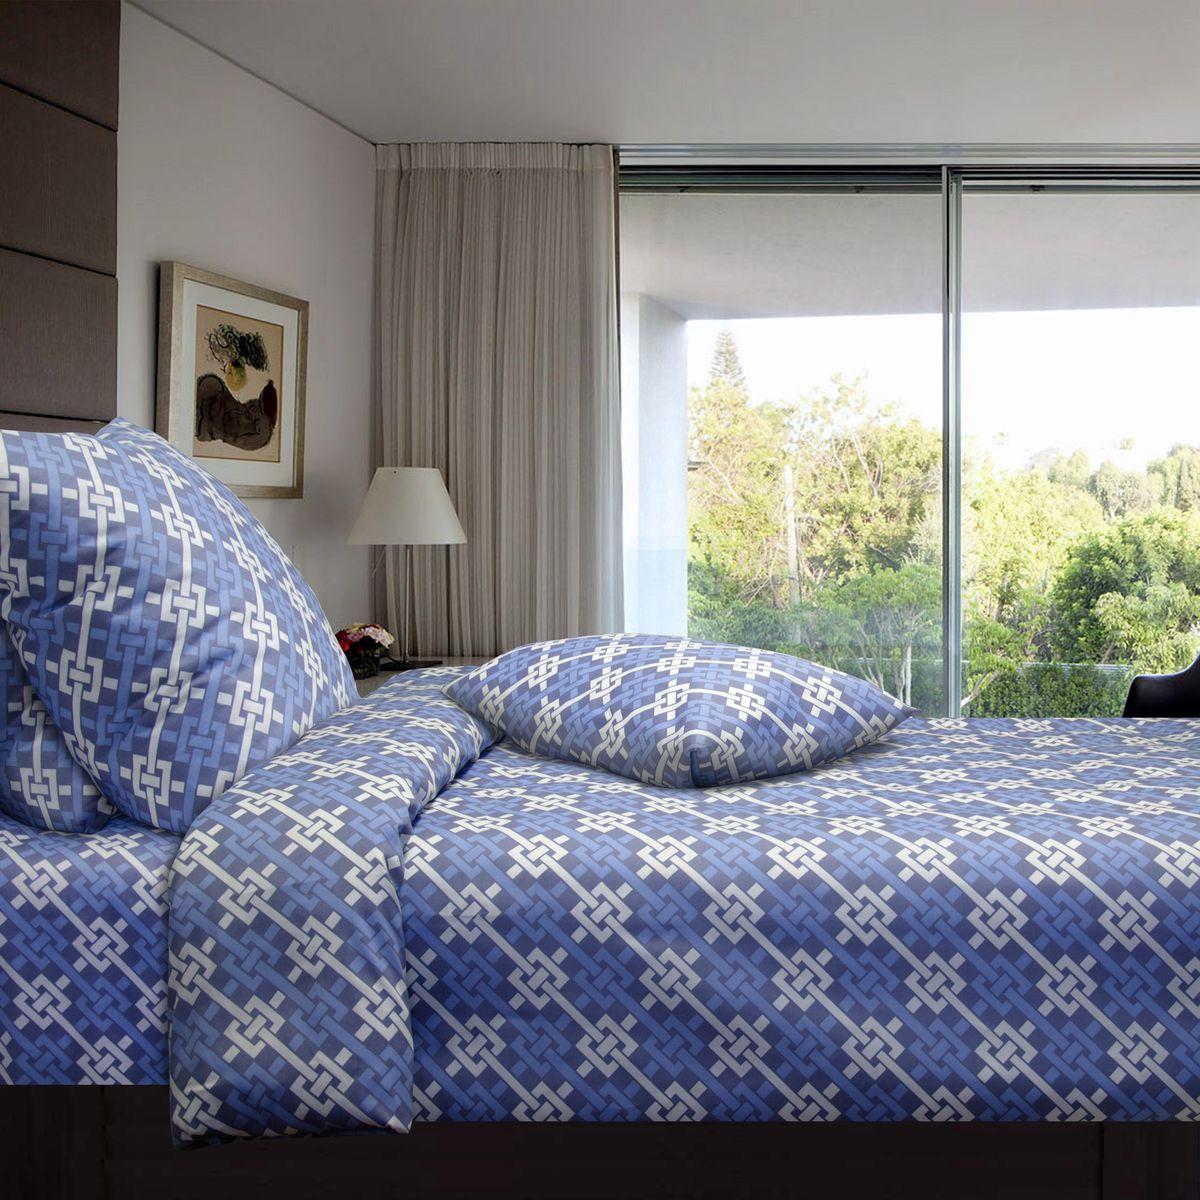 Комплект белья Коллекция Синева, 2,5-спальный, наволочки 50x70. СП2,5/50/ОЗ/синеваСП2,5/50/ОЗ/синева